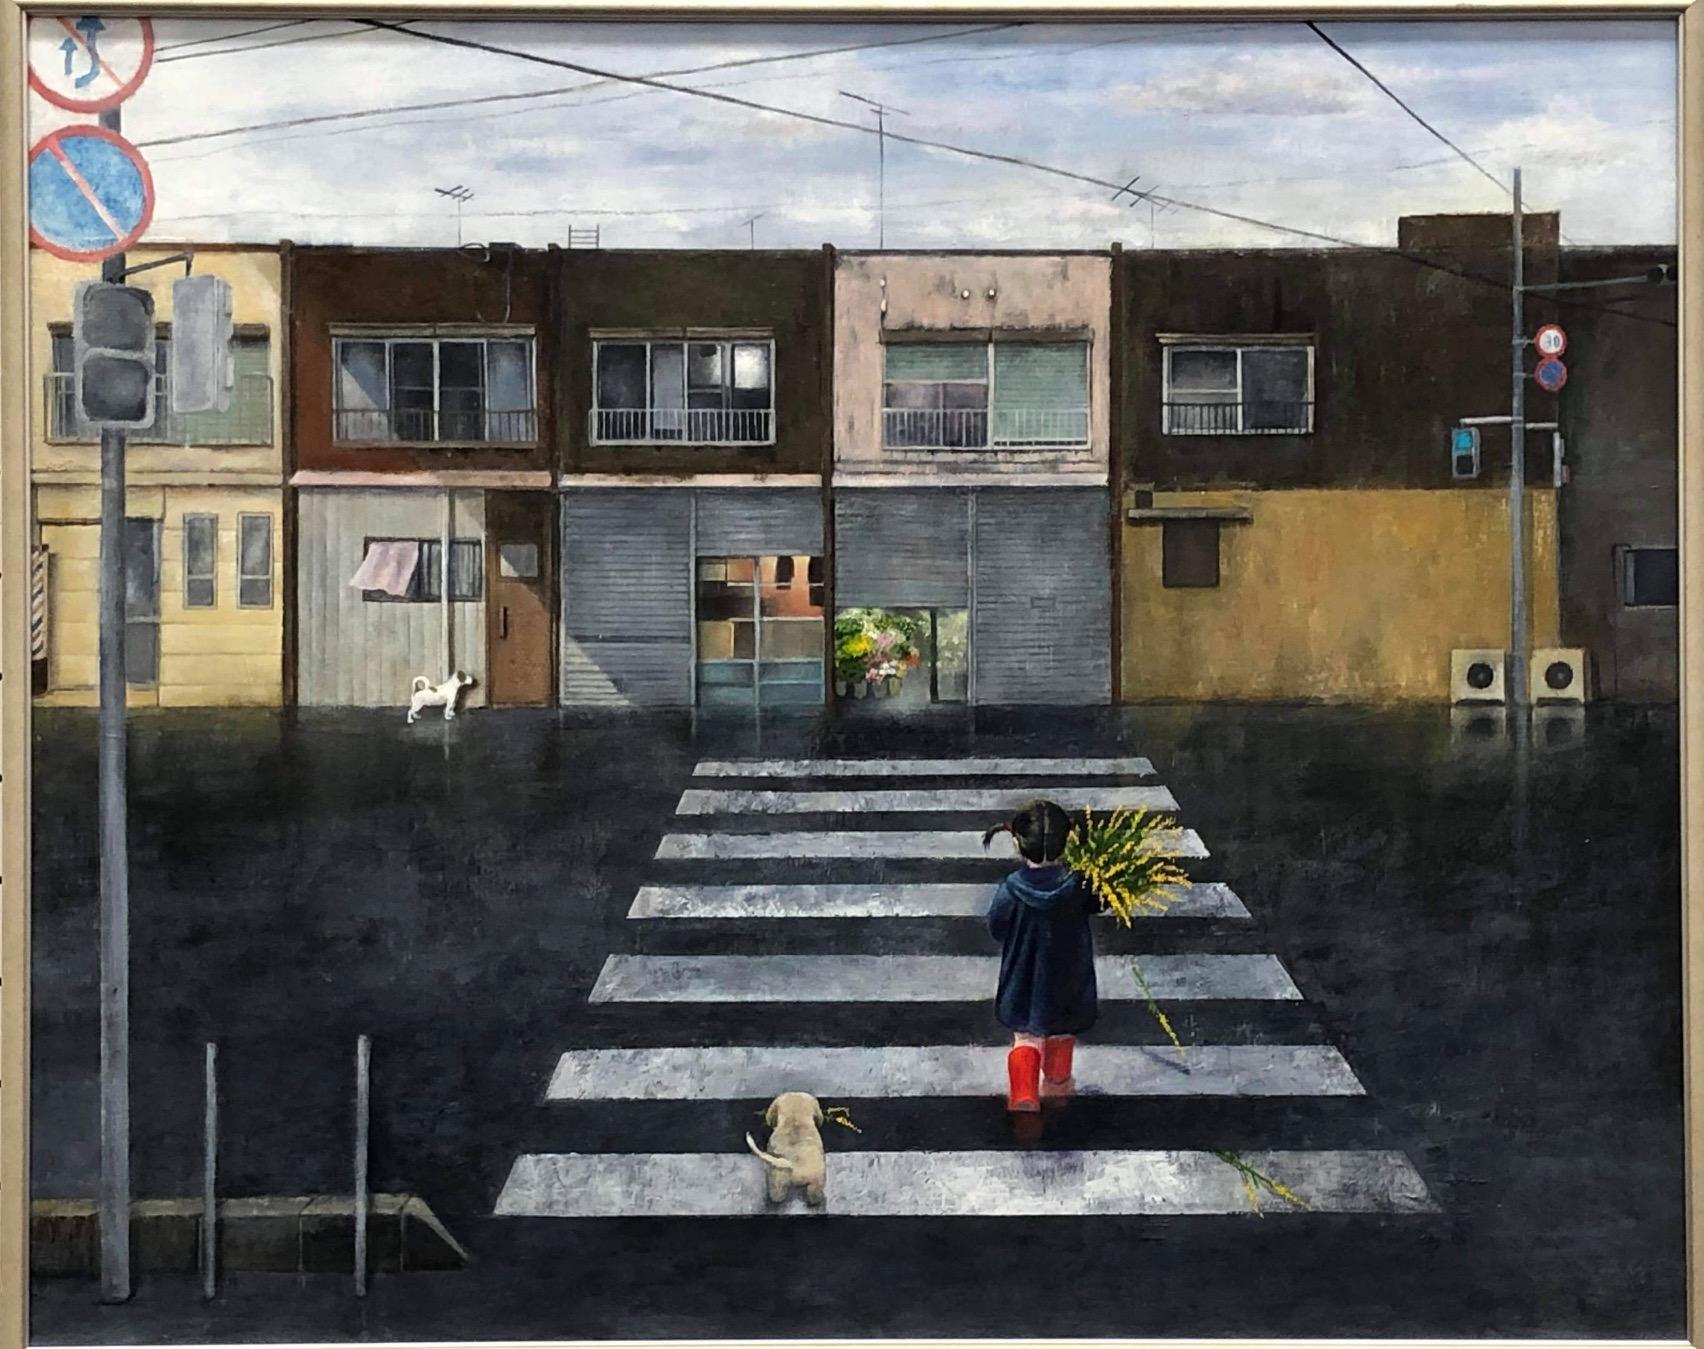 第1・3土曜日講師 高松三智子の作品が美術雑誌に掲載されました